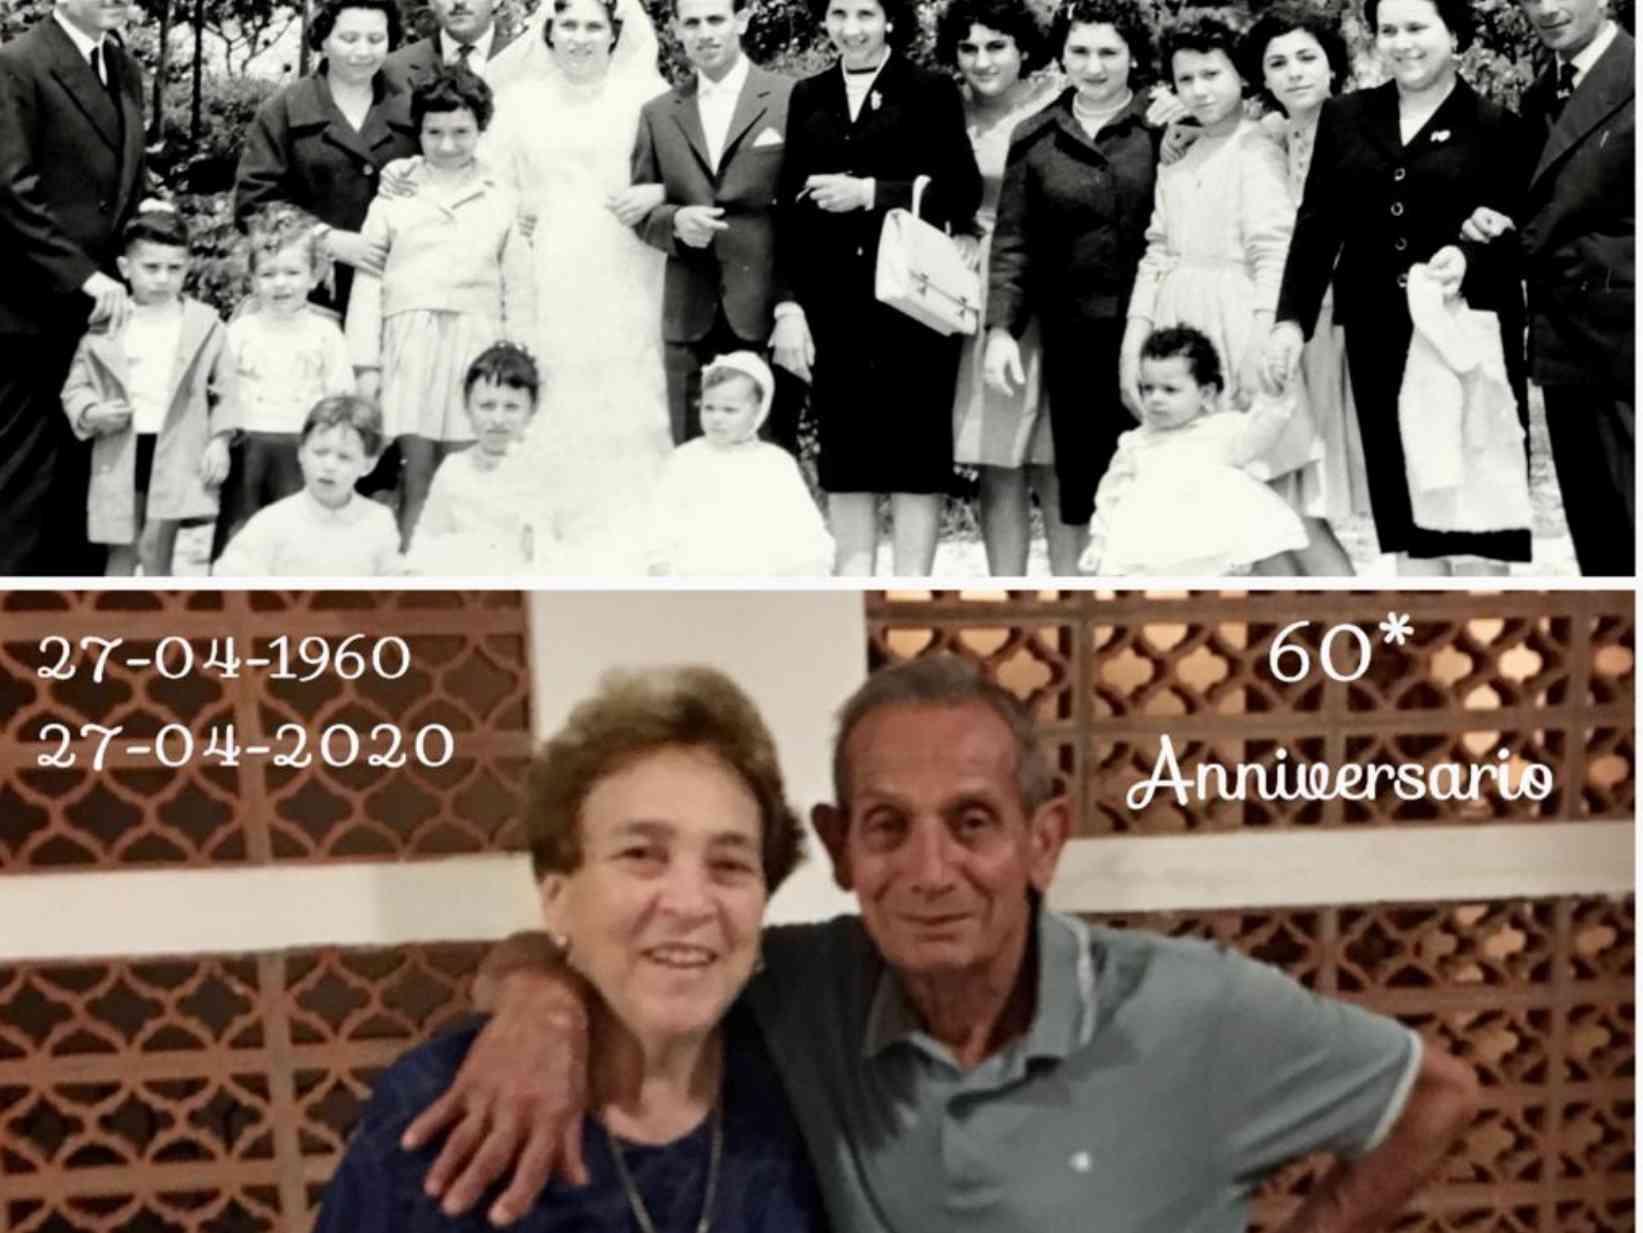 """Immagine articolo: Menfi, un amore lungo sessant'anni. Nozze di diamante per i coniugi Cutrano: """"L'amore e il rispetto alla base del nostro matrimonio"""""""